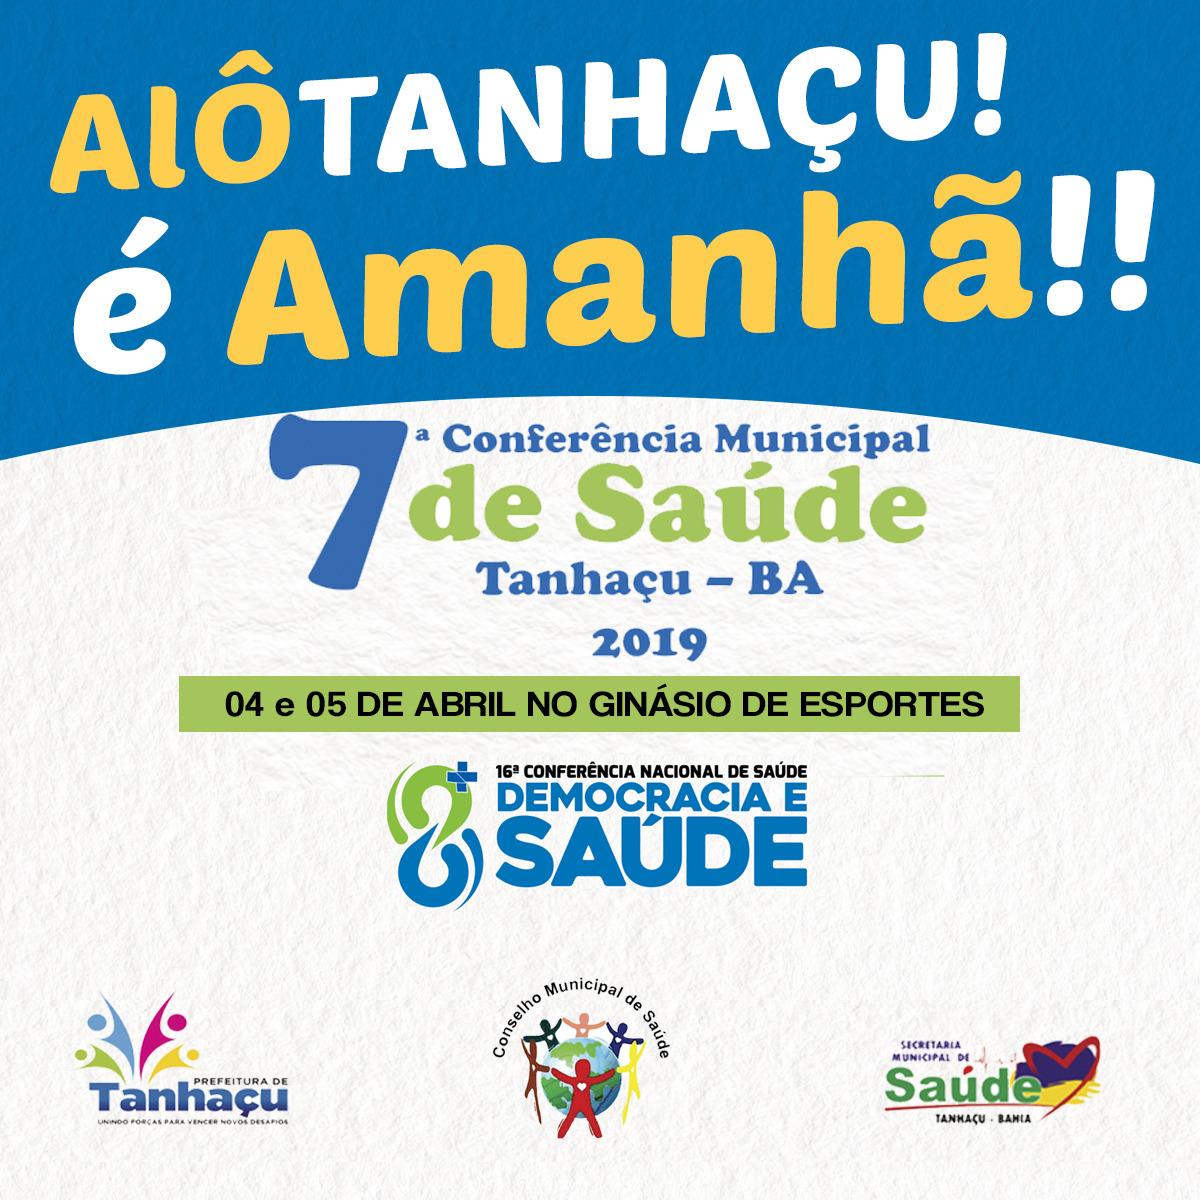 Secretaria de Saúde de Tanhaçu realizará a 7ª Conferência Municipal de Saúde do município; veja o vídeo